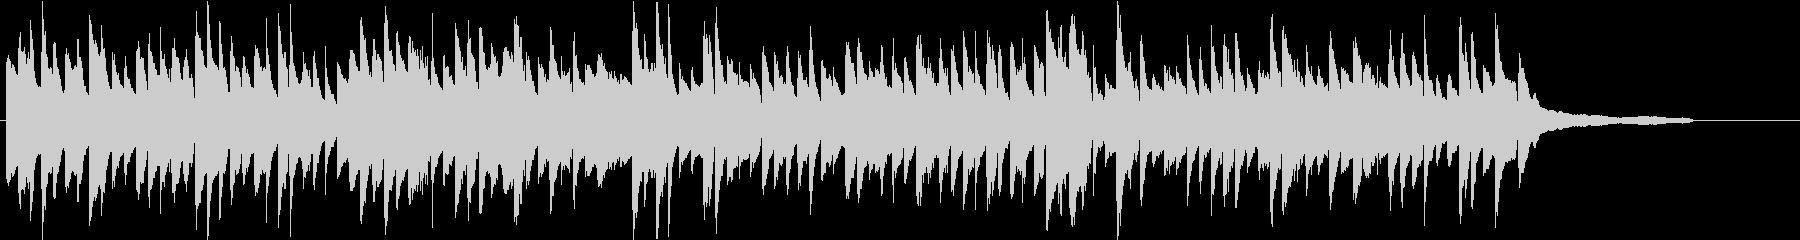 美しい日常のワンシーンピアノソロの未再生の波形